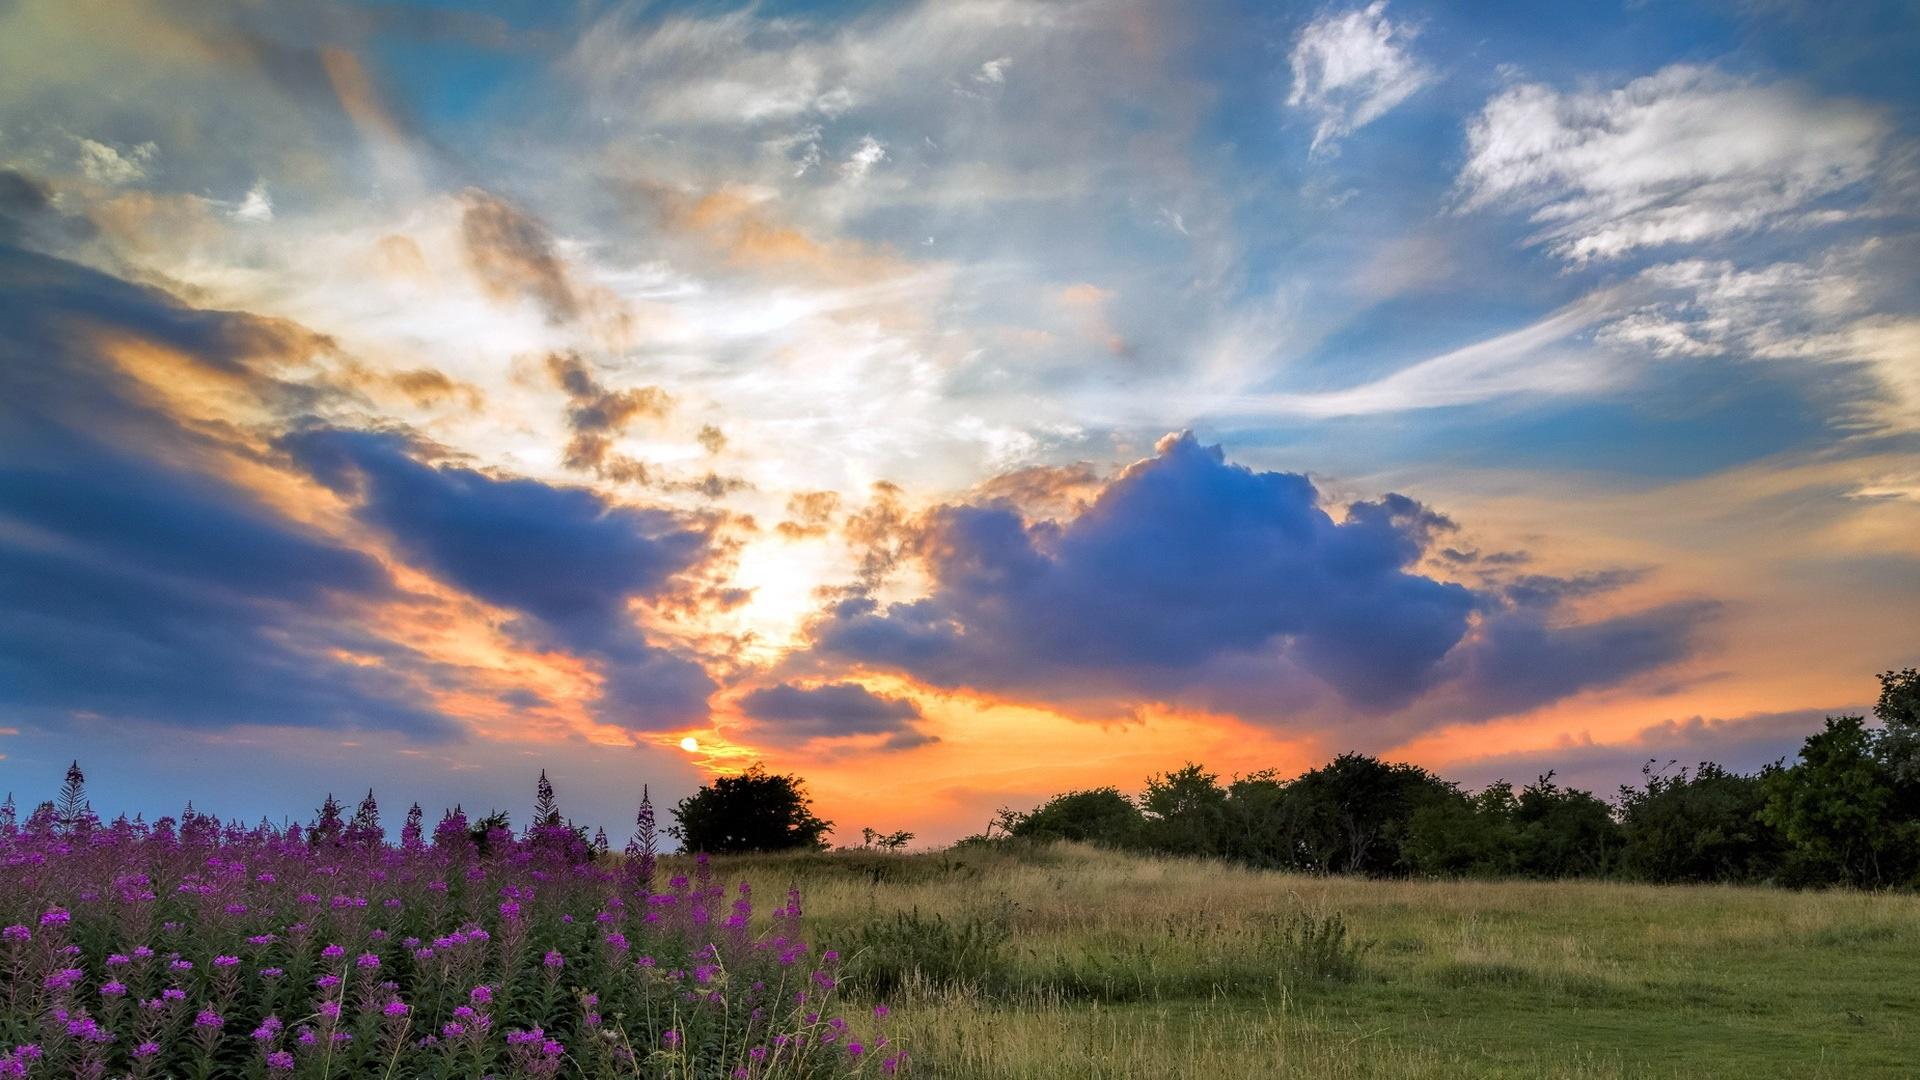 закат тучи простор холмы поля трава на телефон